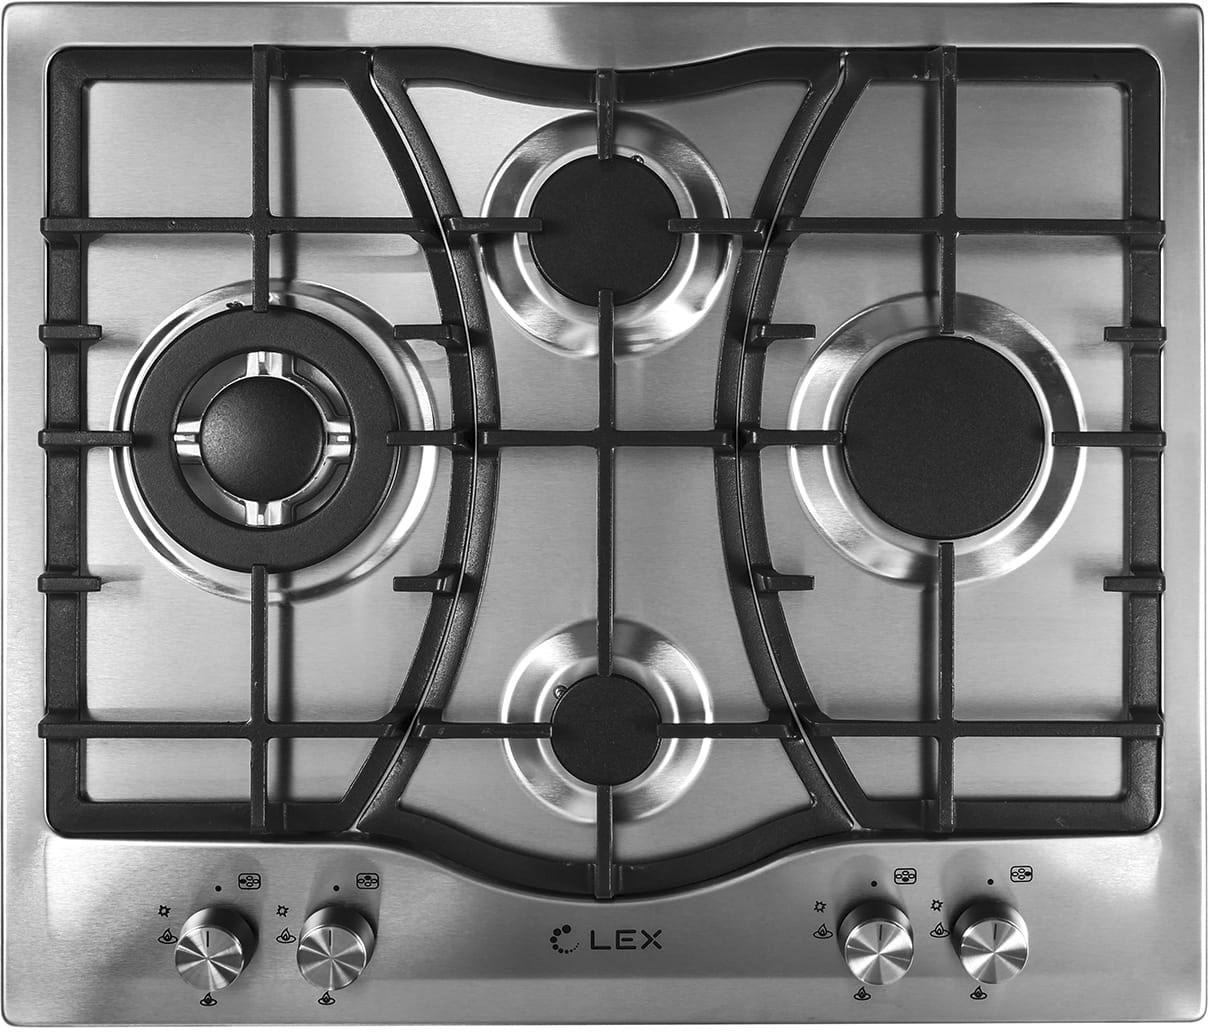 Встраиваемая газовая варочная панель Lex Gvs 643 inox